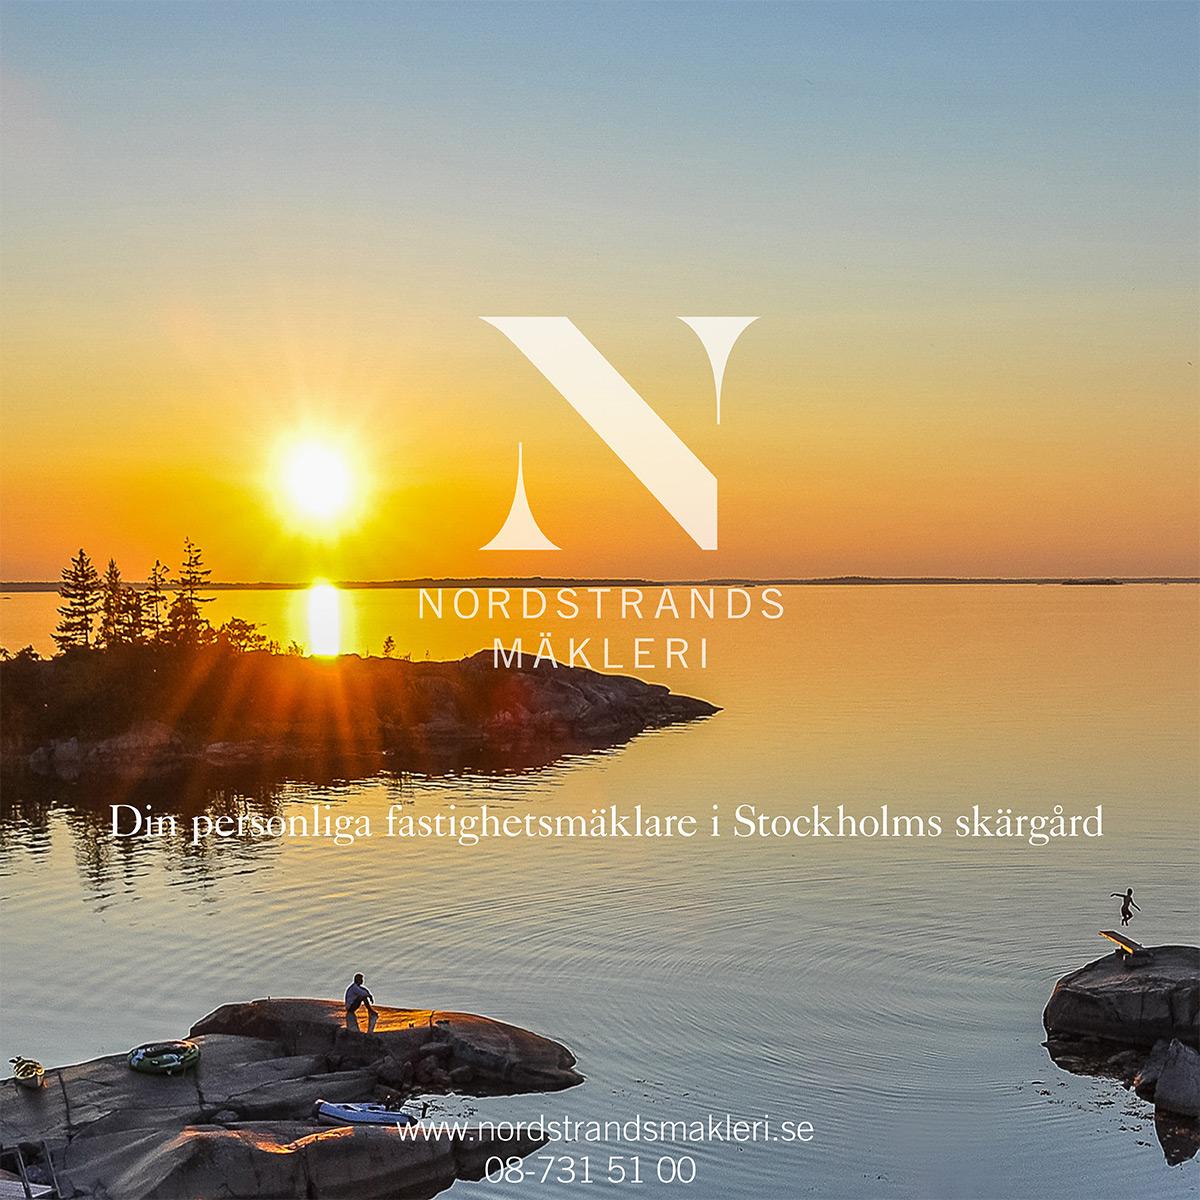 Nordstrands Mäkleri - Väder i skärgården - Din personliga fastighetsmäklare i Stockholms skärgård